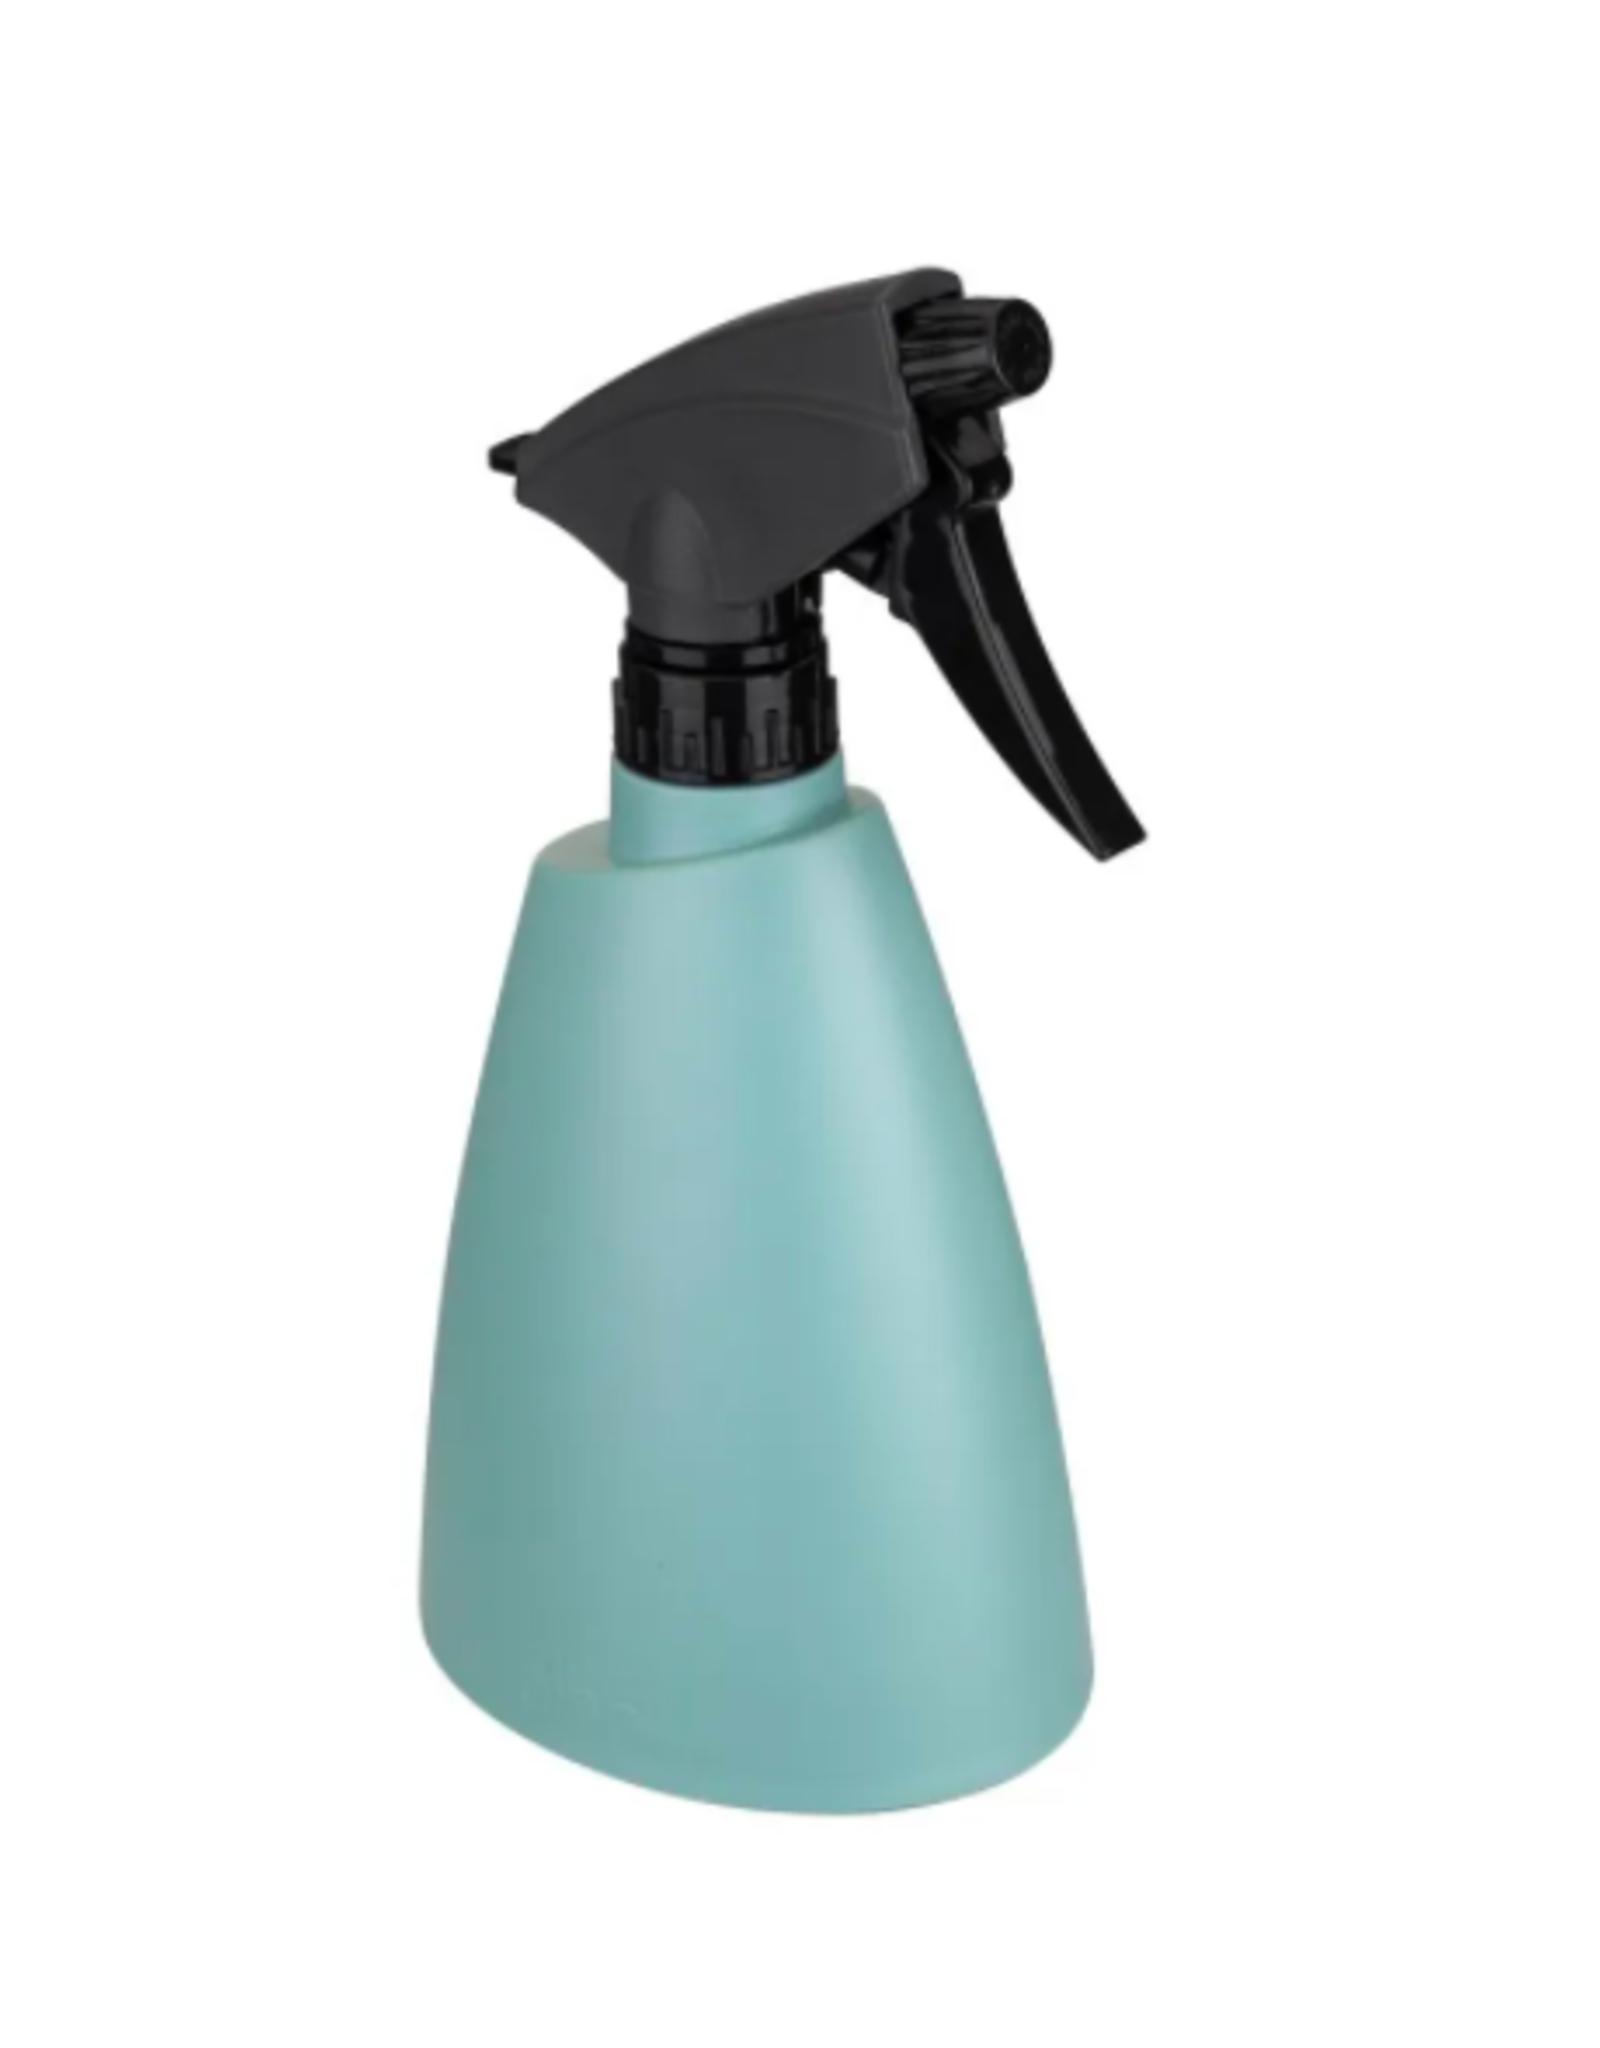 GRUUN Sprayer 0,7L Mint